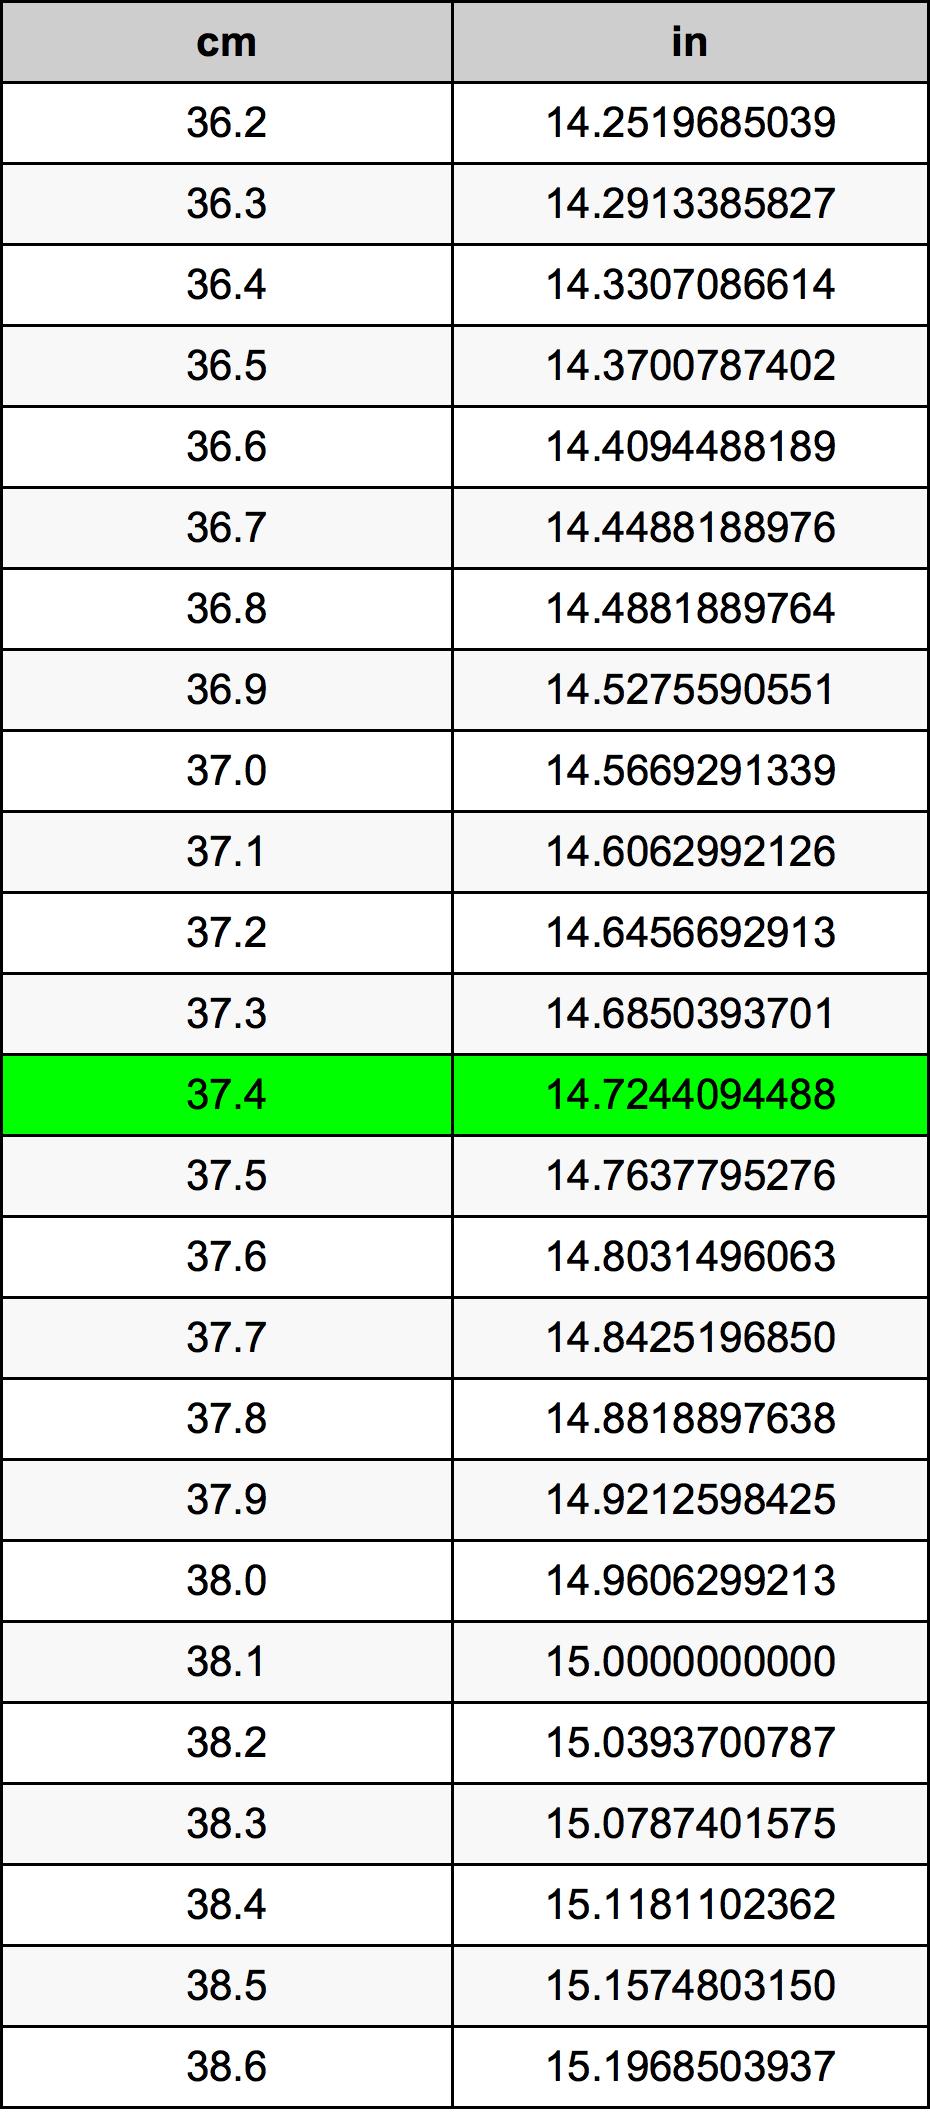 37.4 Centimeter conversietabel